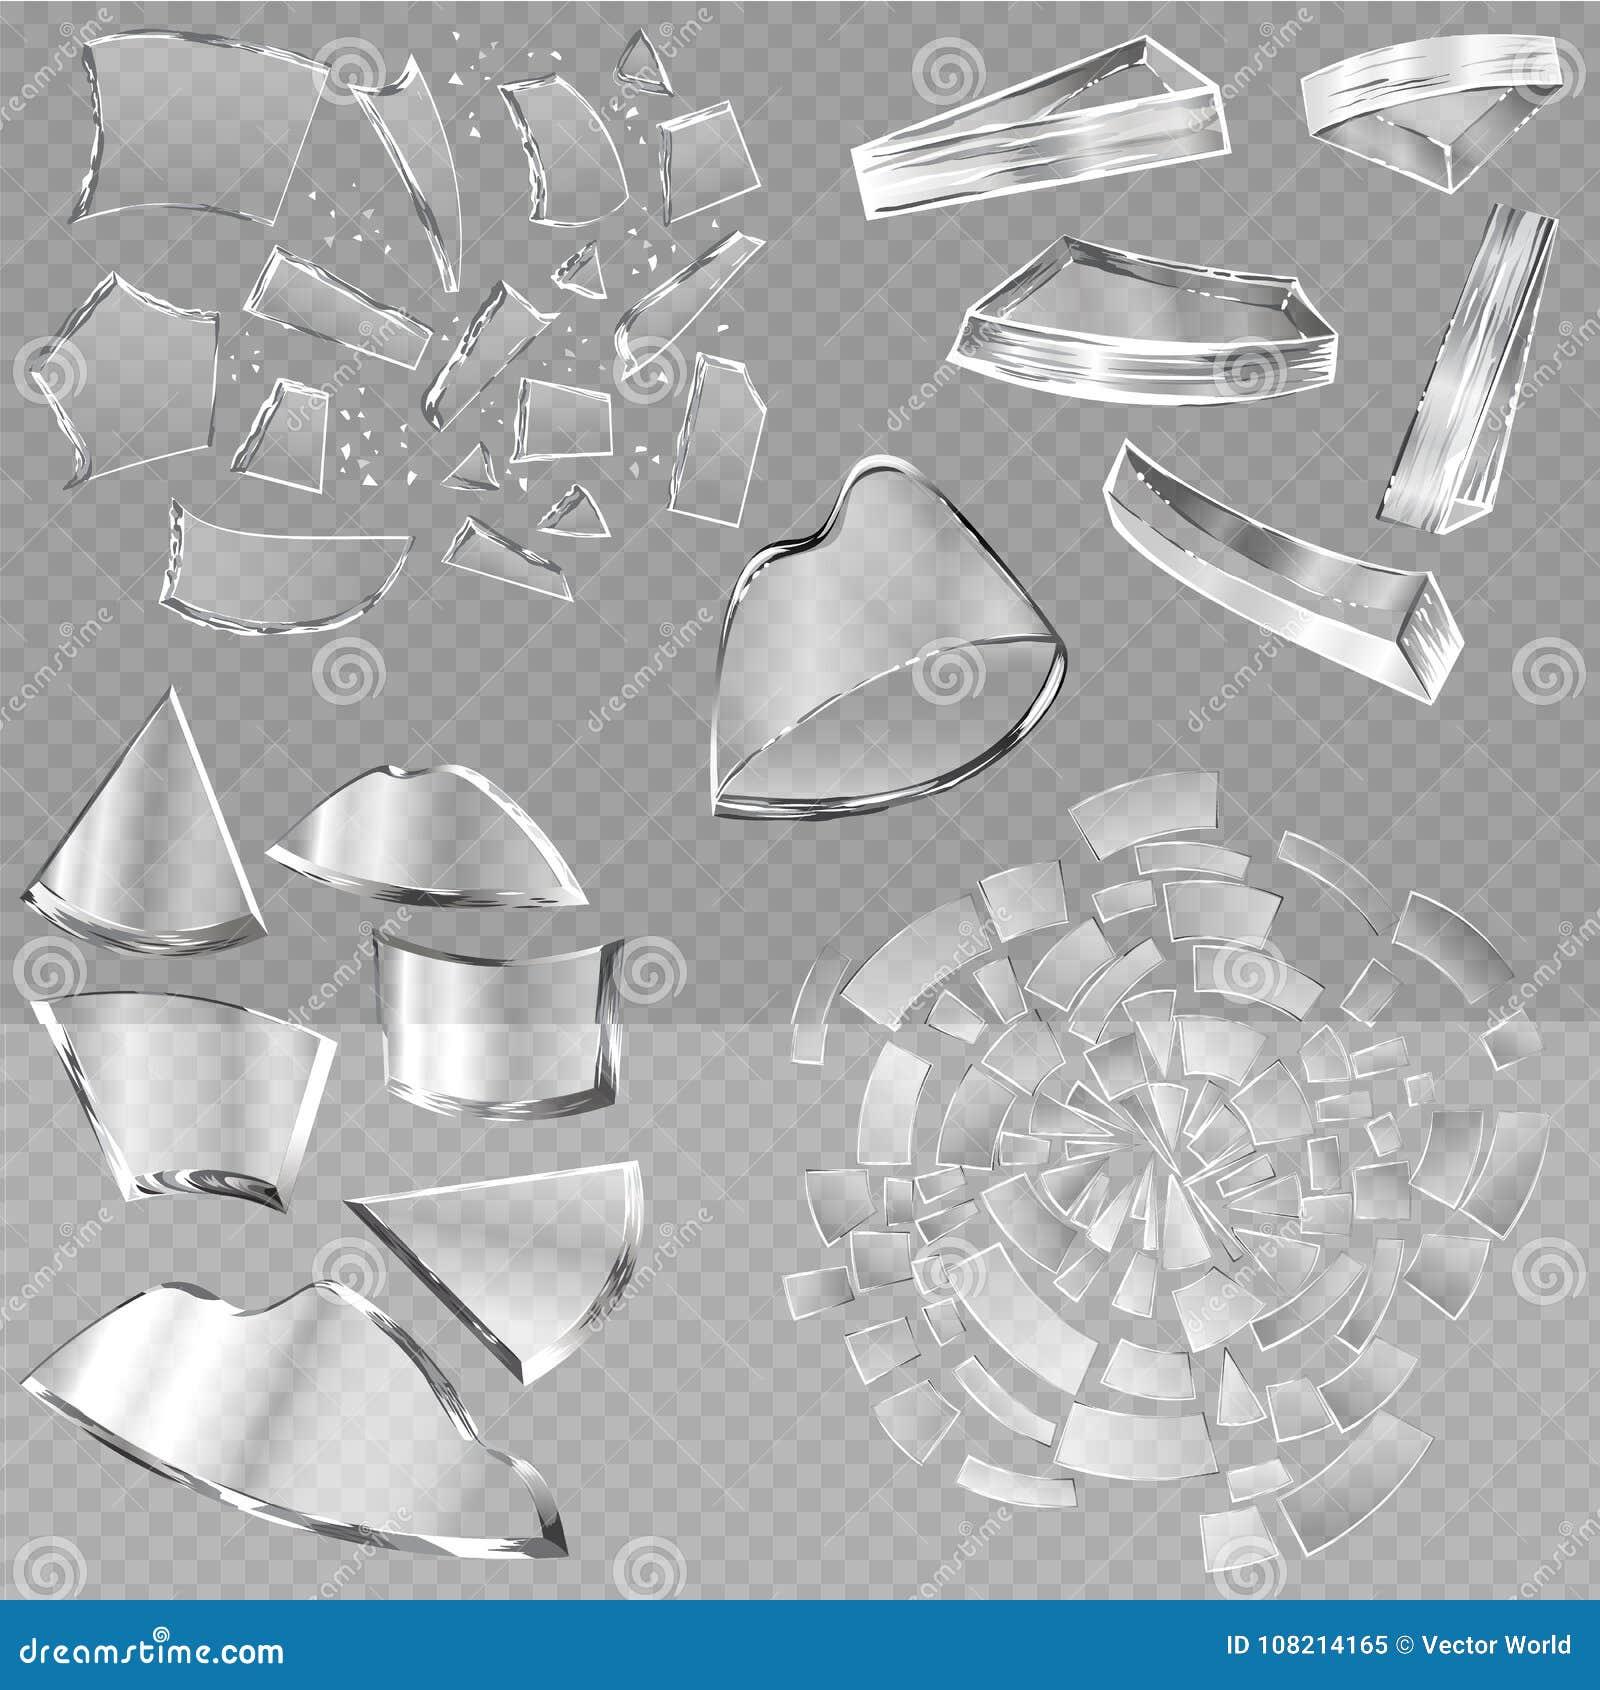 Scharfe Stücke des defekten Glasvektors Fenster und realistische zerbrochene Glaswaren oder zerbrechen Rückstand des Brechens des